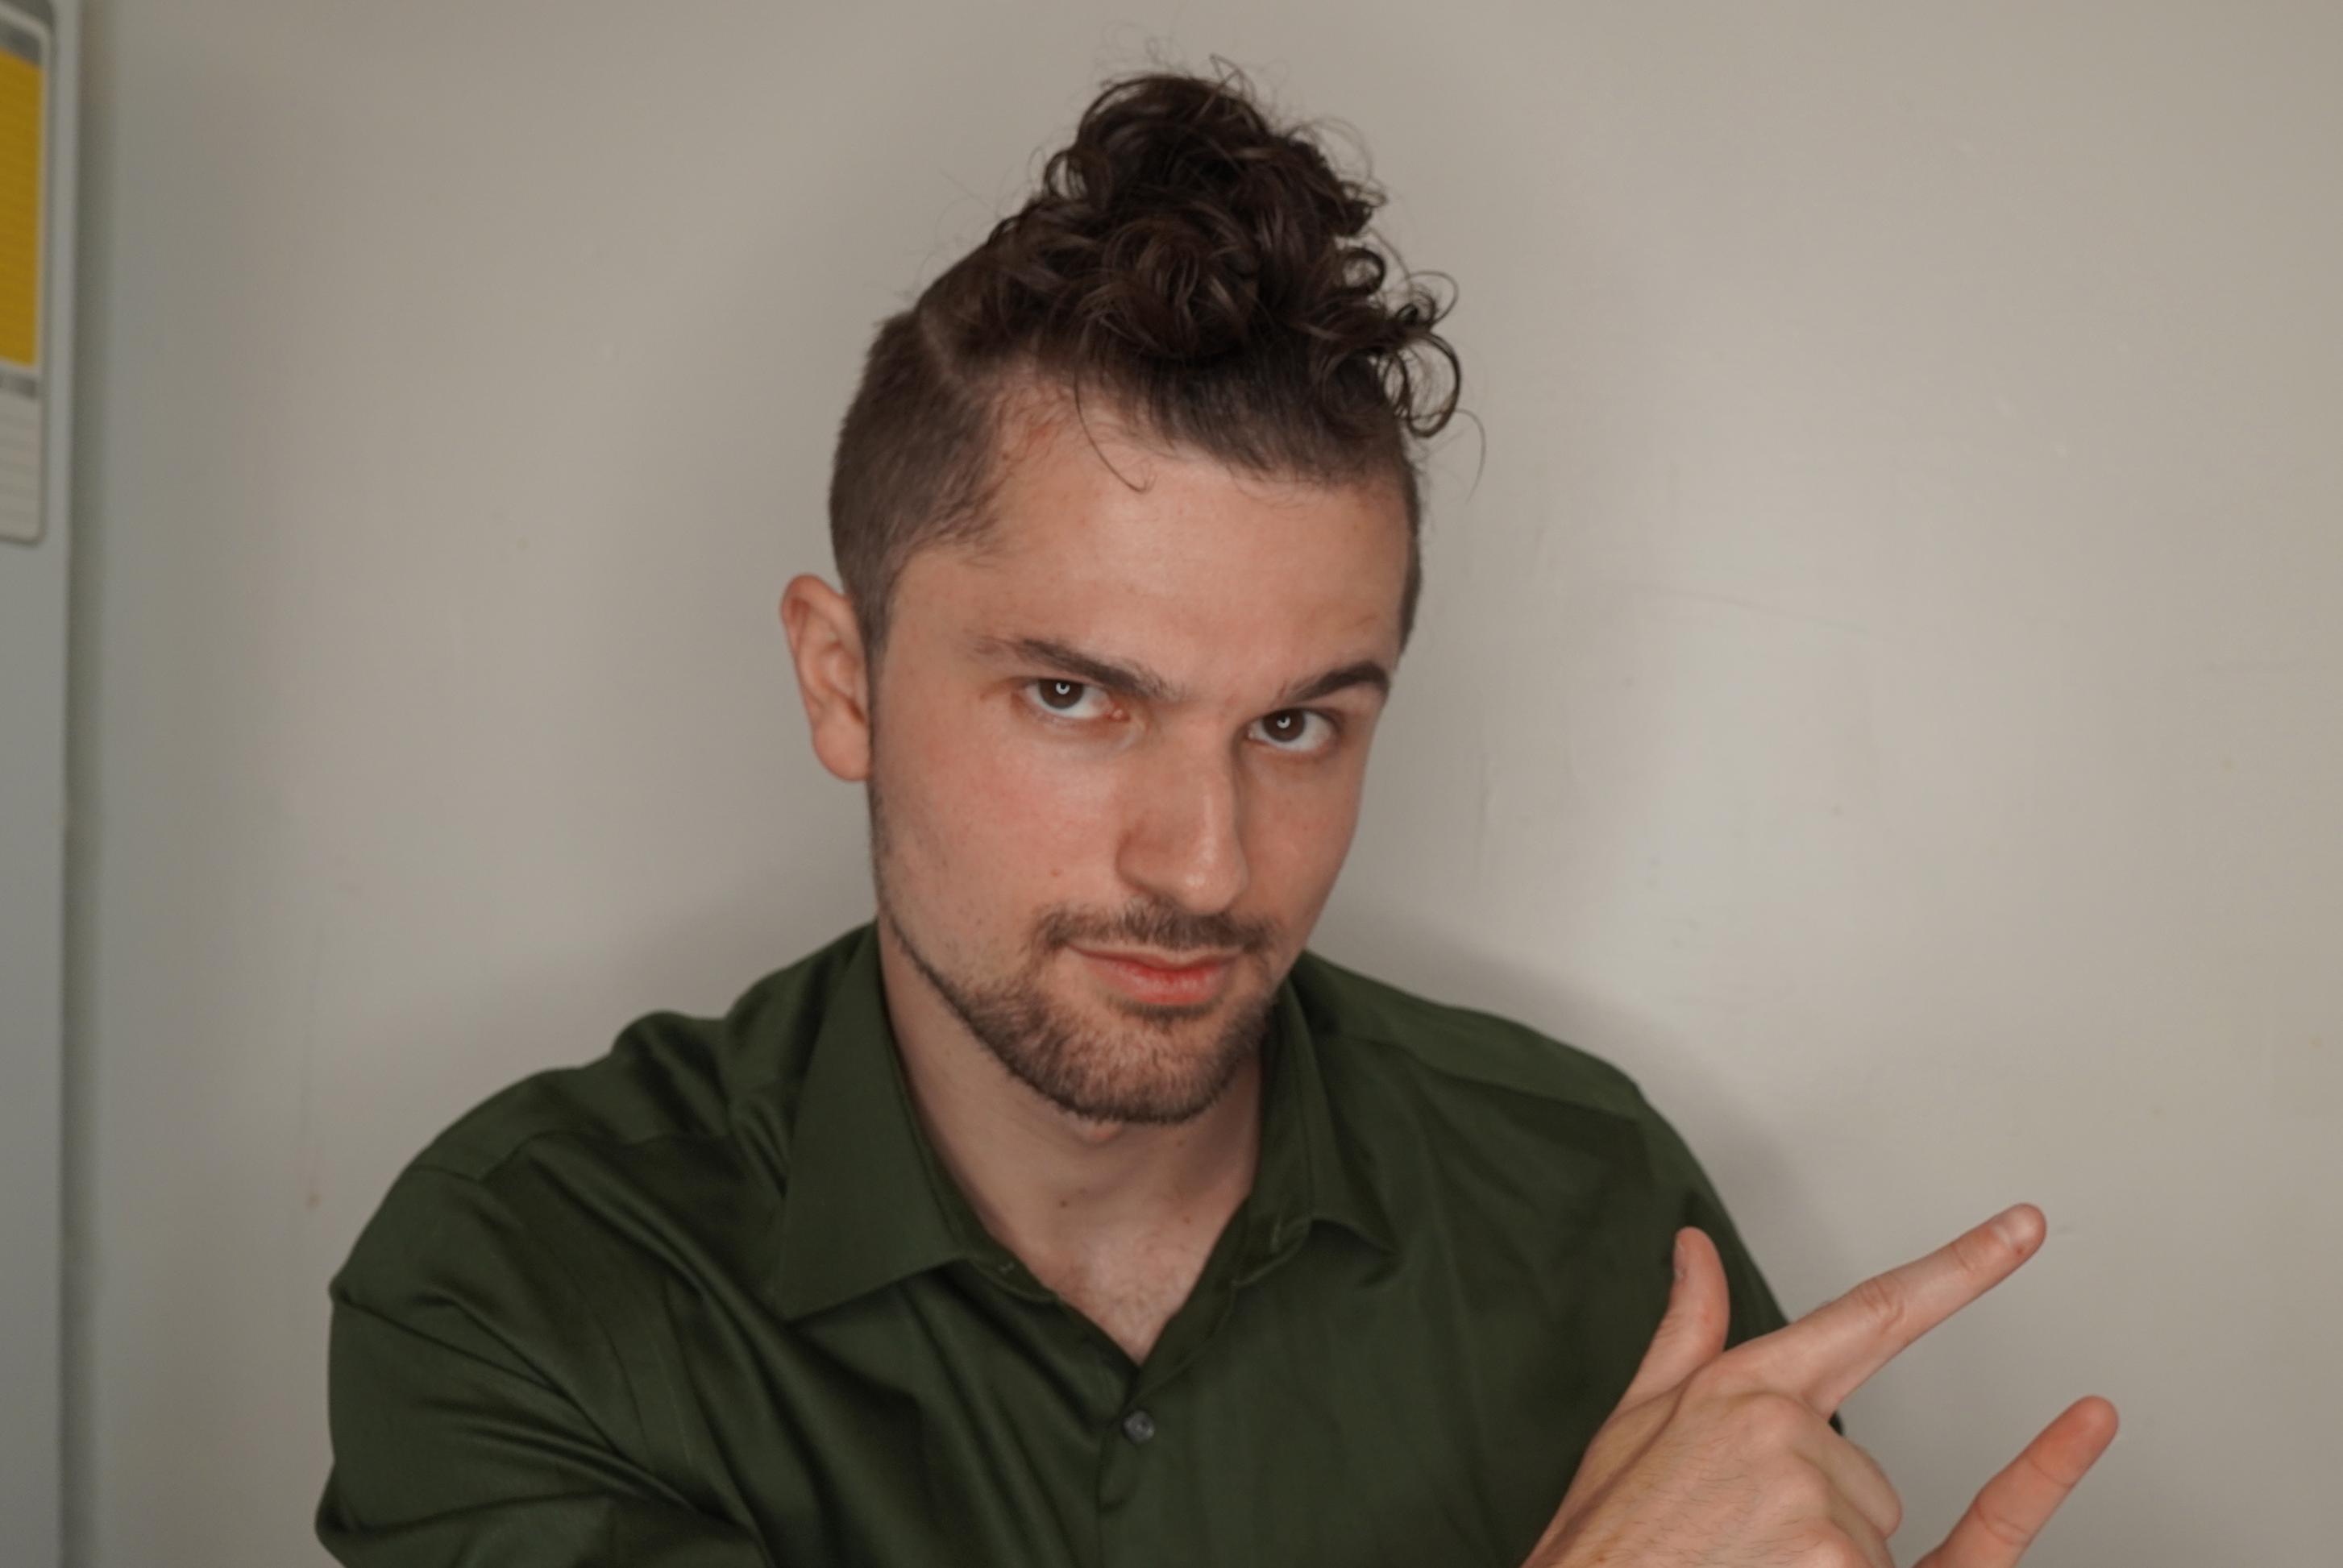 Brian Donato - Perfect Parenting Period Podcast Host